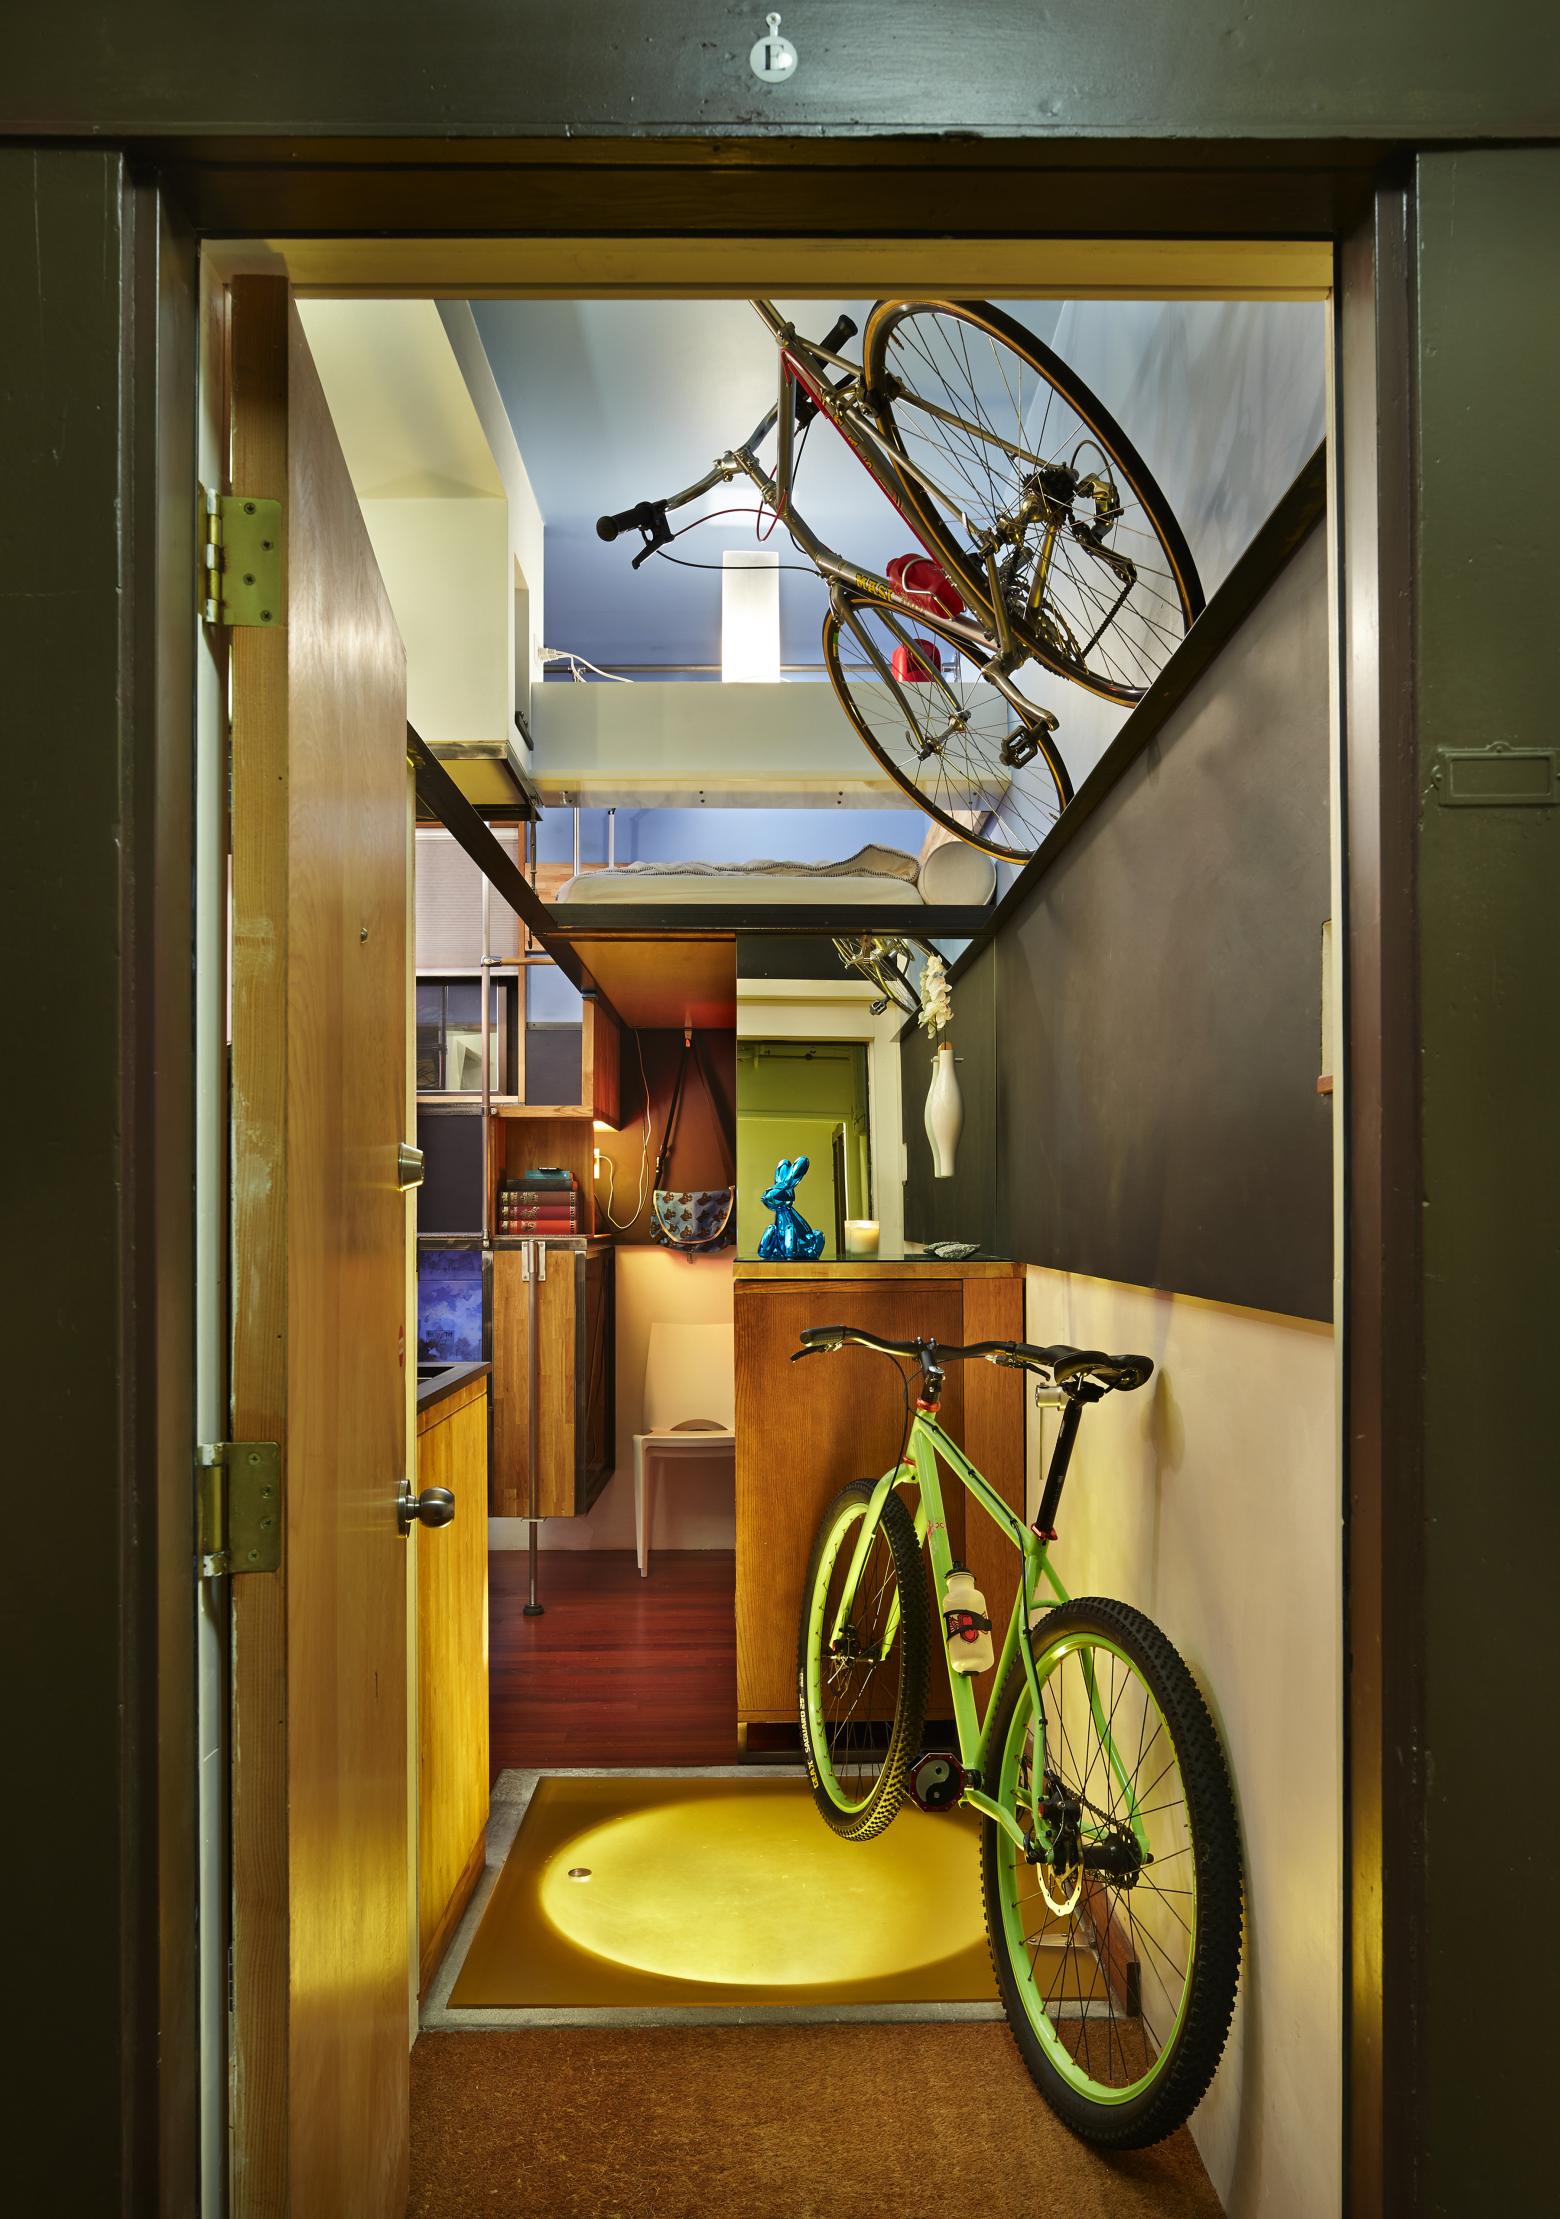 pico-dwelling entry